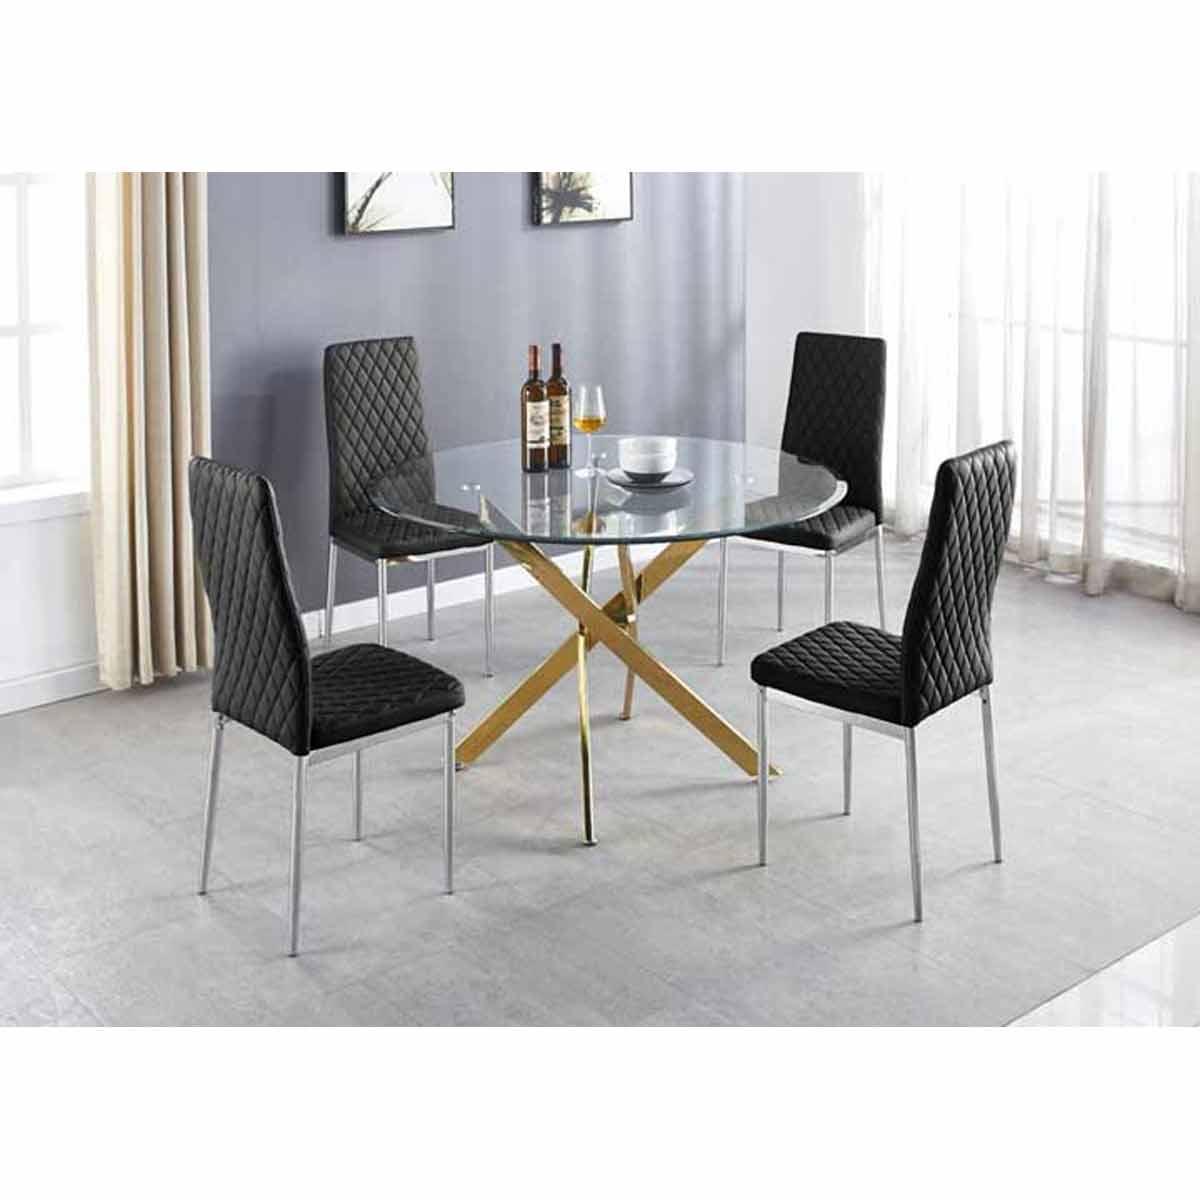 Furniture Box Novara Gold Metal Large Round Dining Table And 4 Black Milan Chairs Set